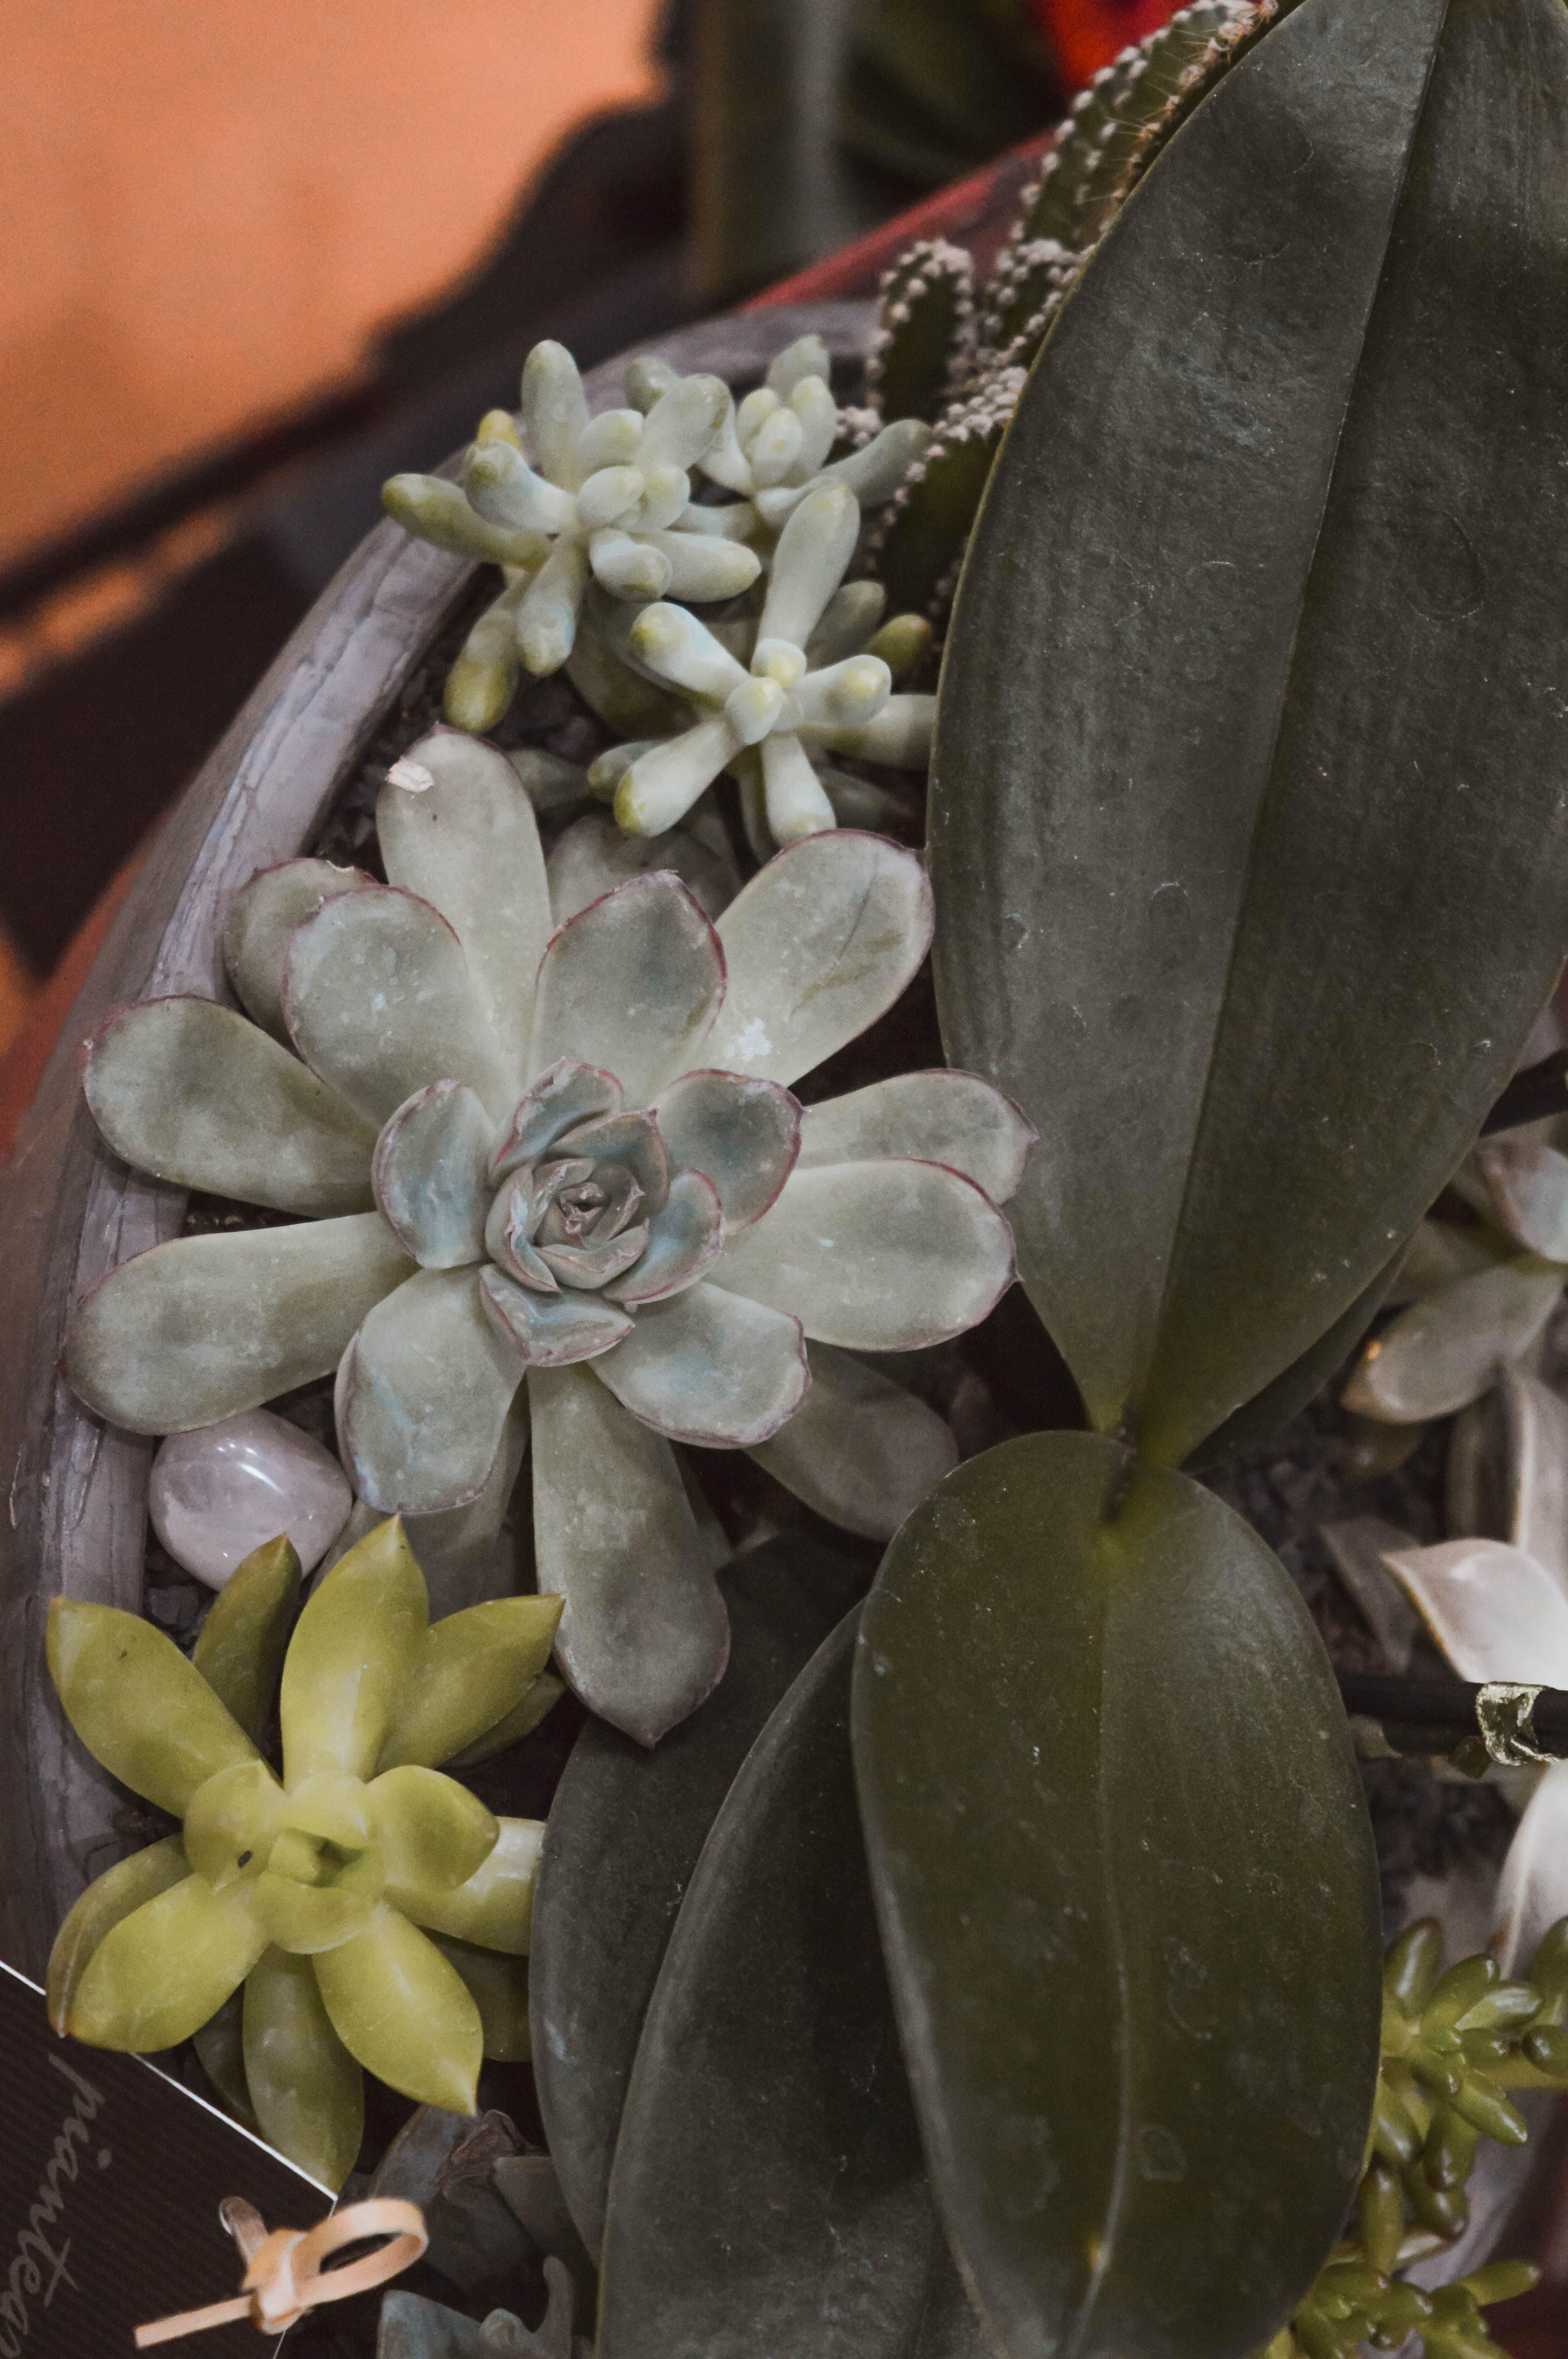 Kostenloses Stock Foto zu frühling, grüne pflanzen, pflanzen, saftig